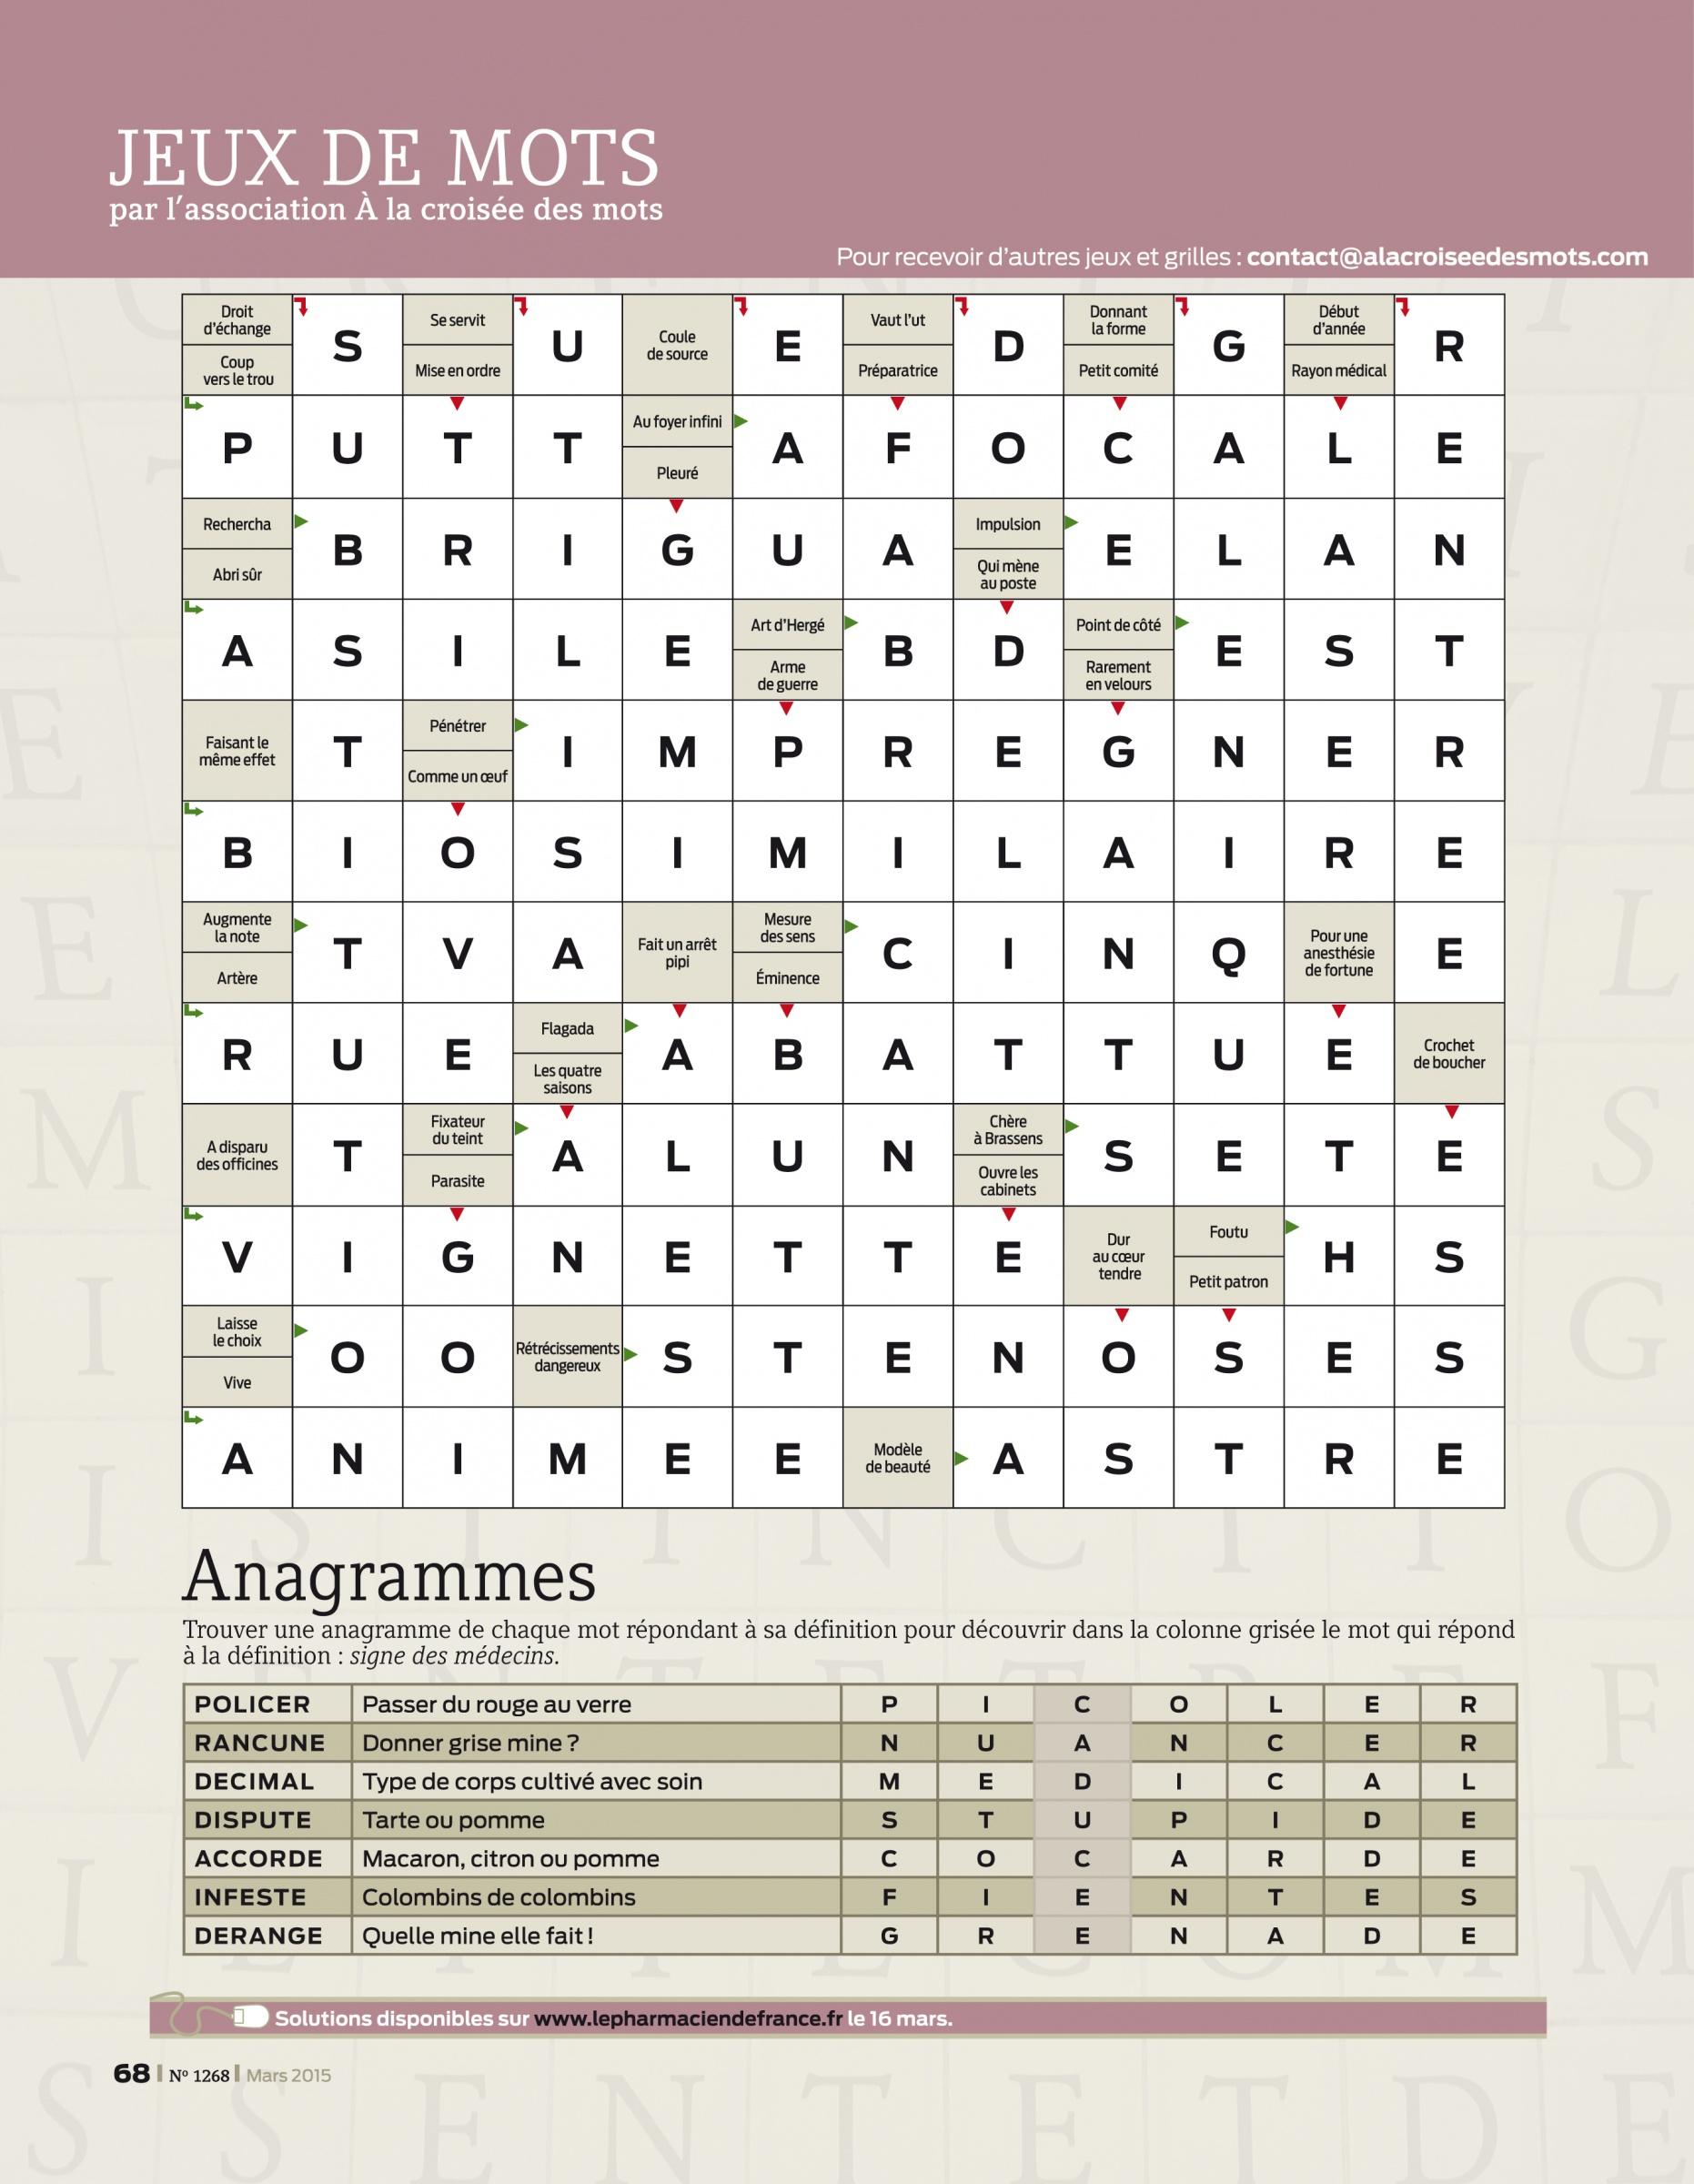 Jeux De Mots | Le Pharmacien De France - Magazine intérieur Anagrammes À Imprimer